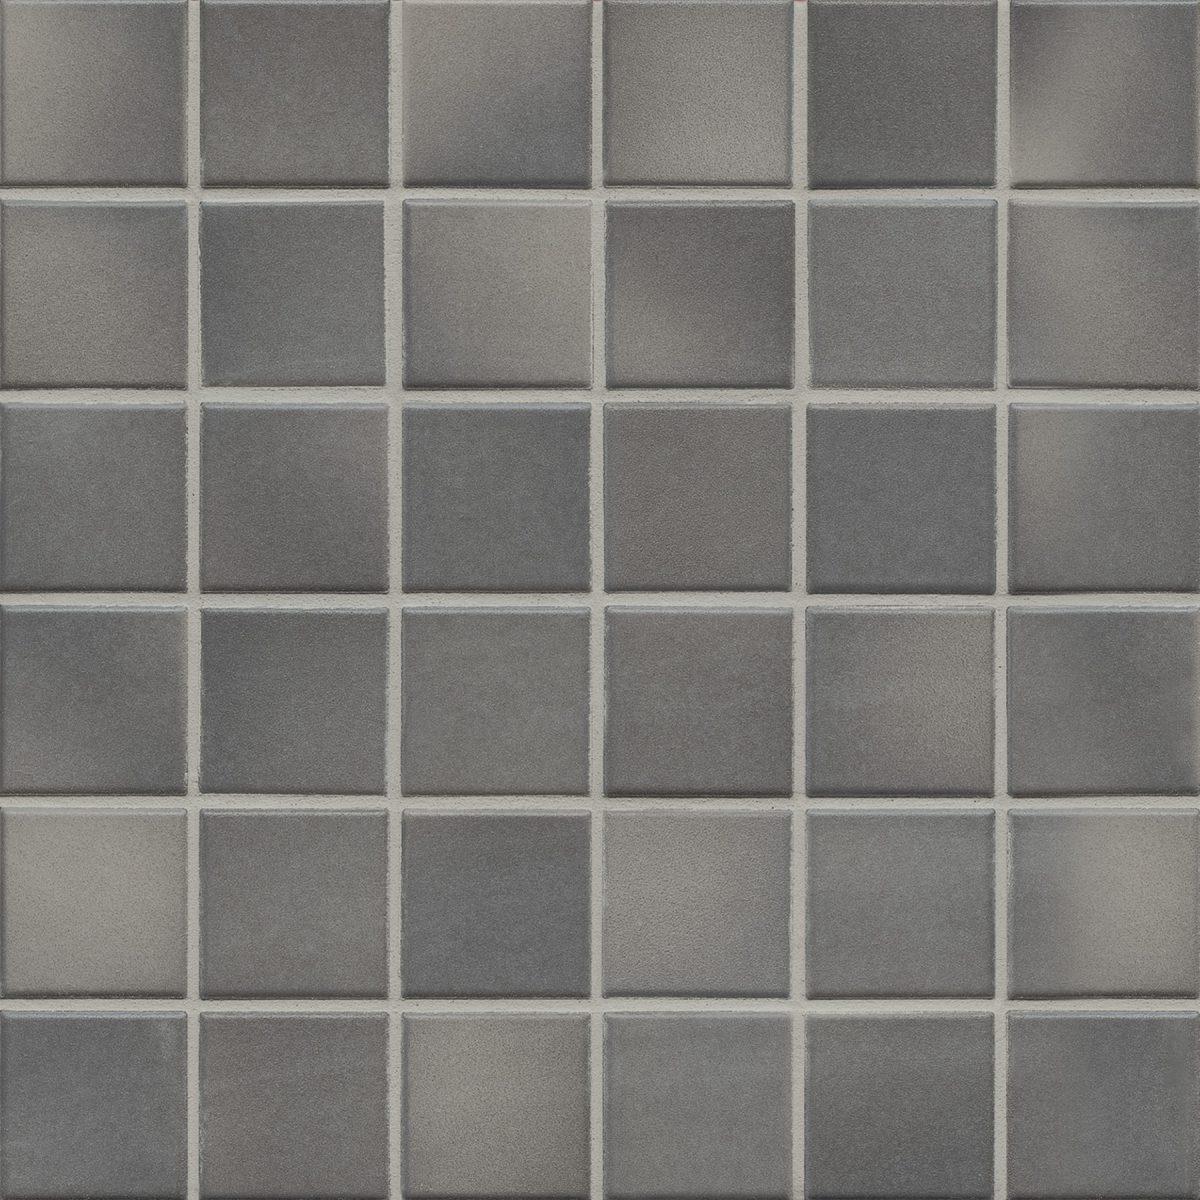 Мозаика серия Fresh 5,0 X 5,0 см Medium Gray Mix Secura (противоскользящая R10/B)